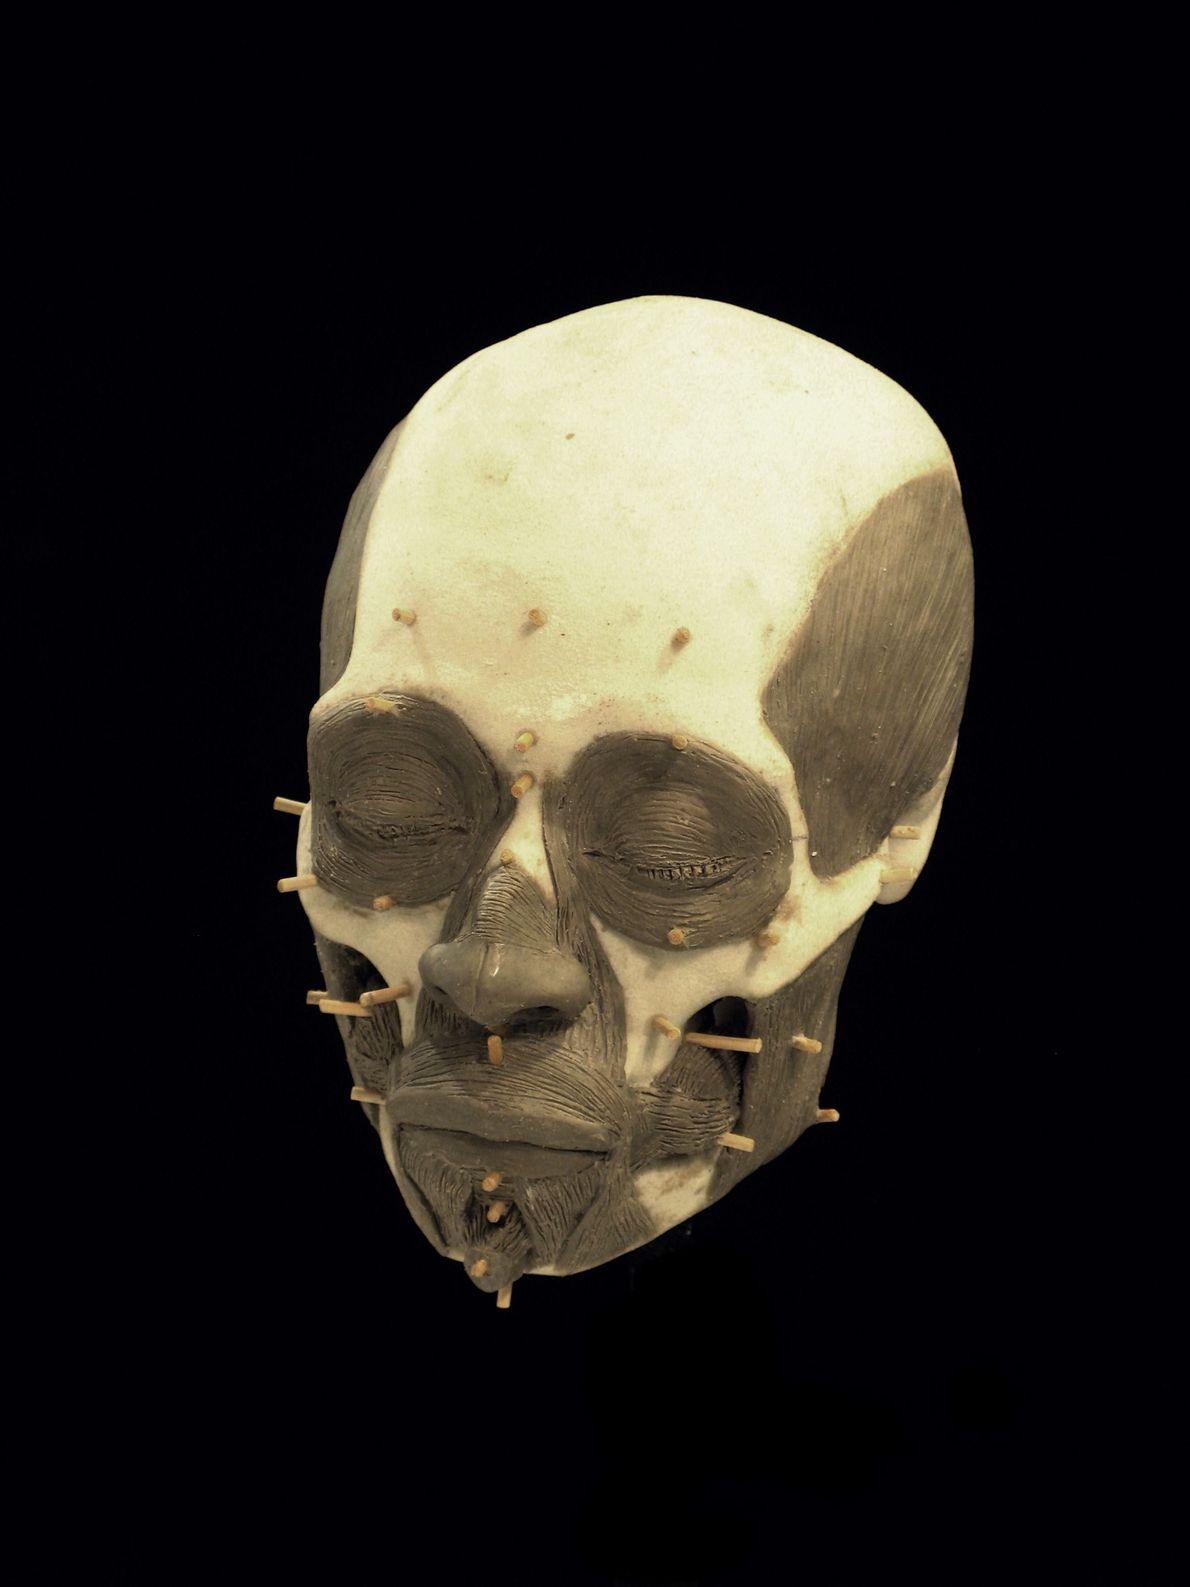 Des muscles faciaux ont été modelés sur le crâne avec de l'argile.